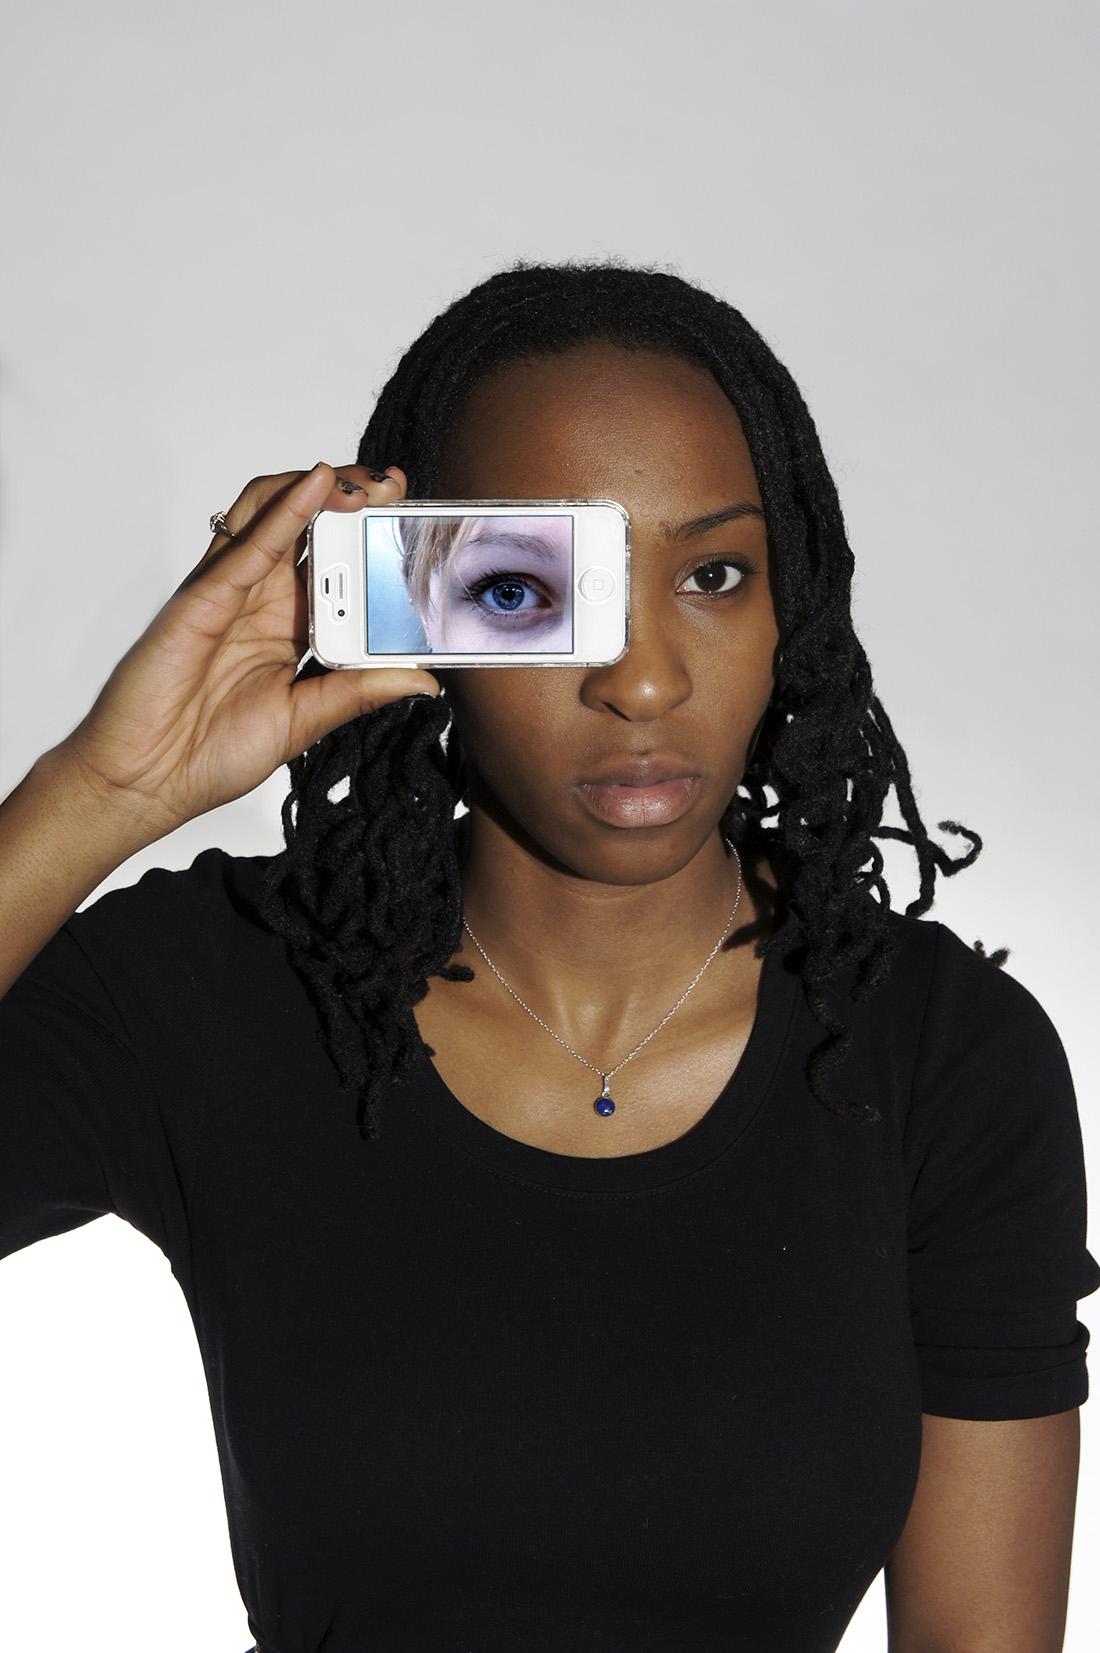 saleena eye see you.jpg